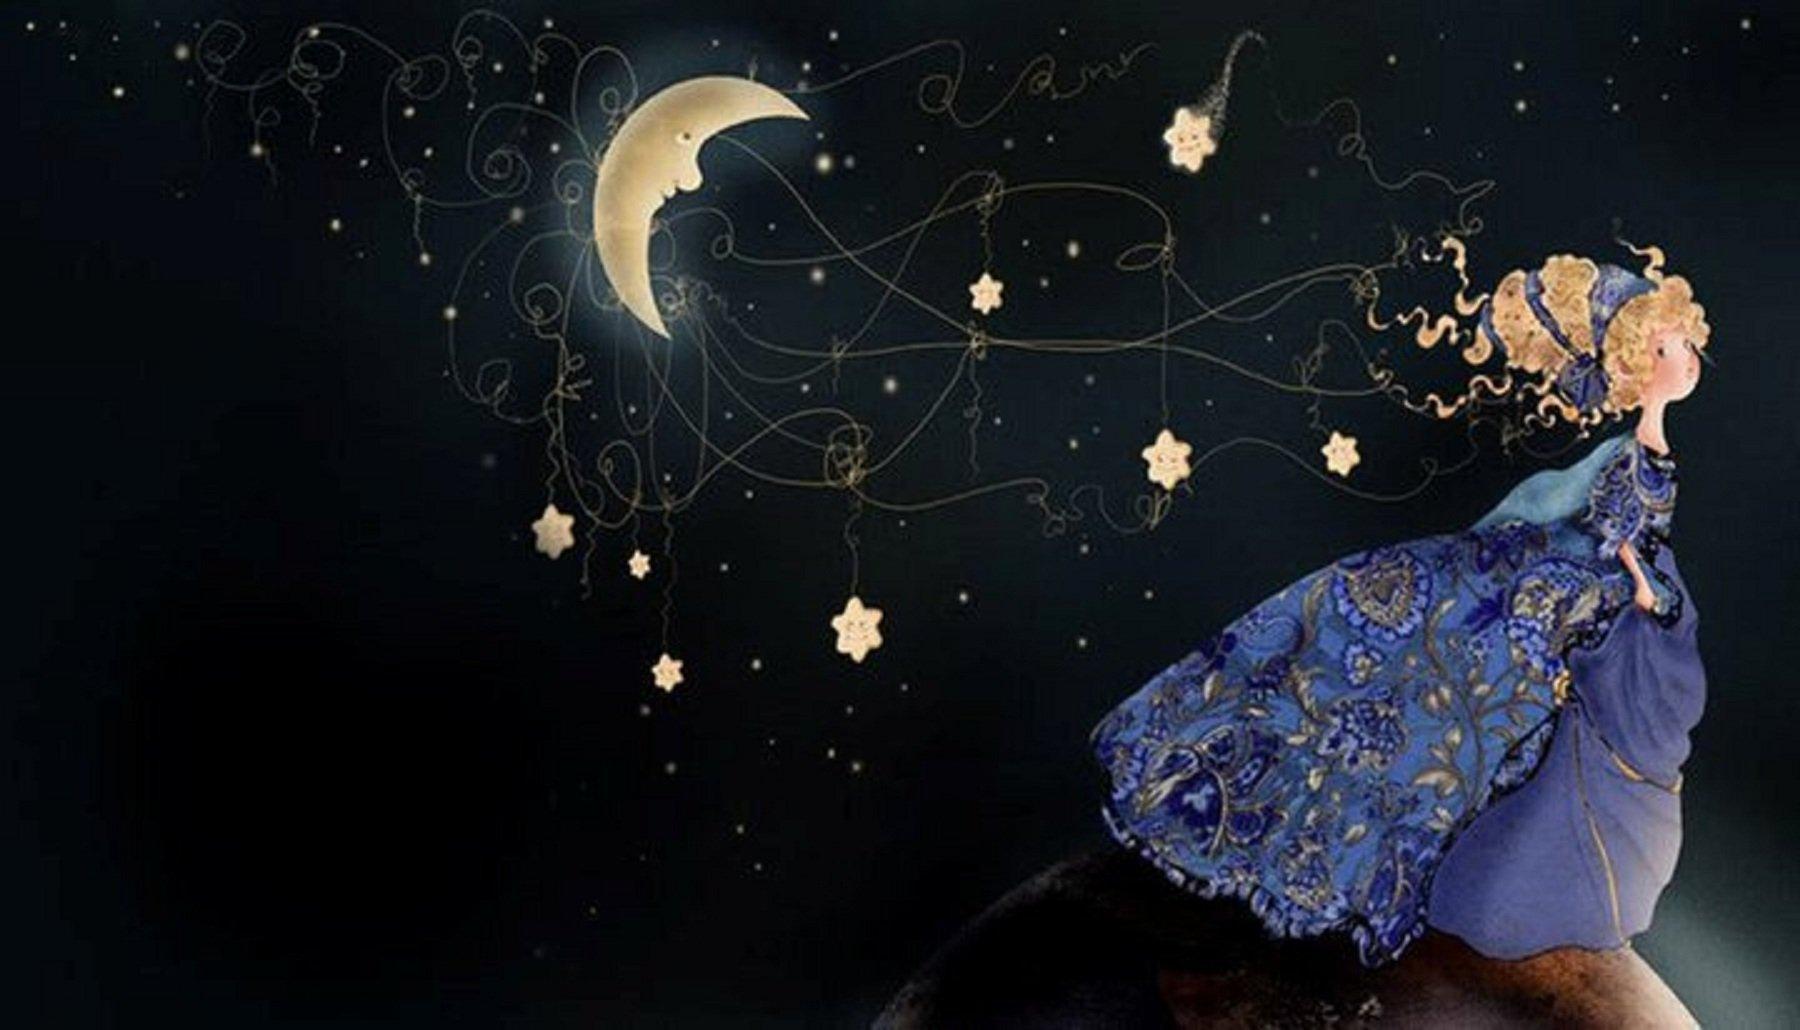 Bienvenidos al nuevo foro de apoyo a Noe #299 / 02.12.15 ~ 08.12.15 - Página 2 3d-abstract_other_follow-me-mr-moon_31355